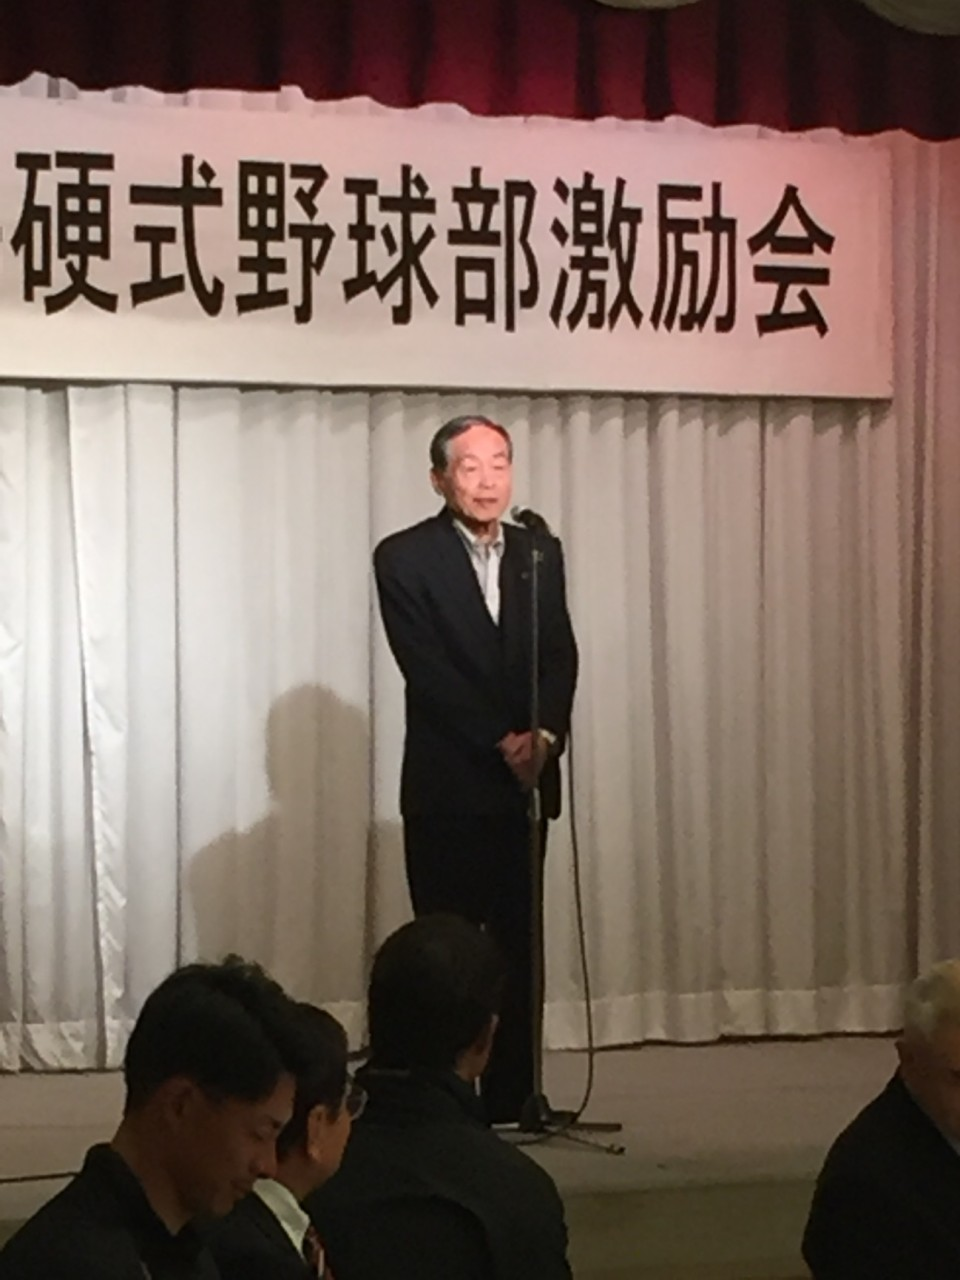 川南観光協会の小玉会長